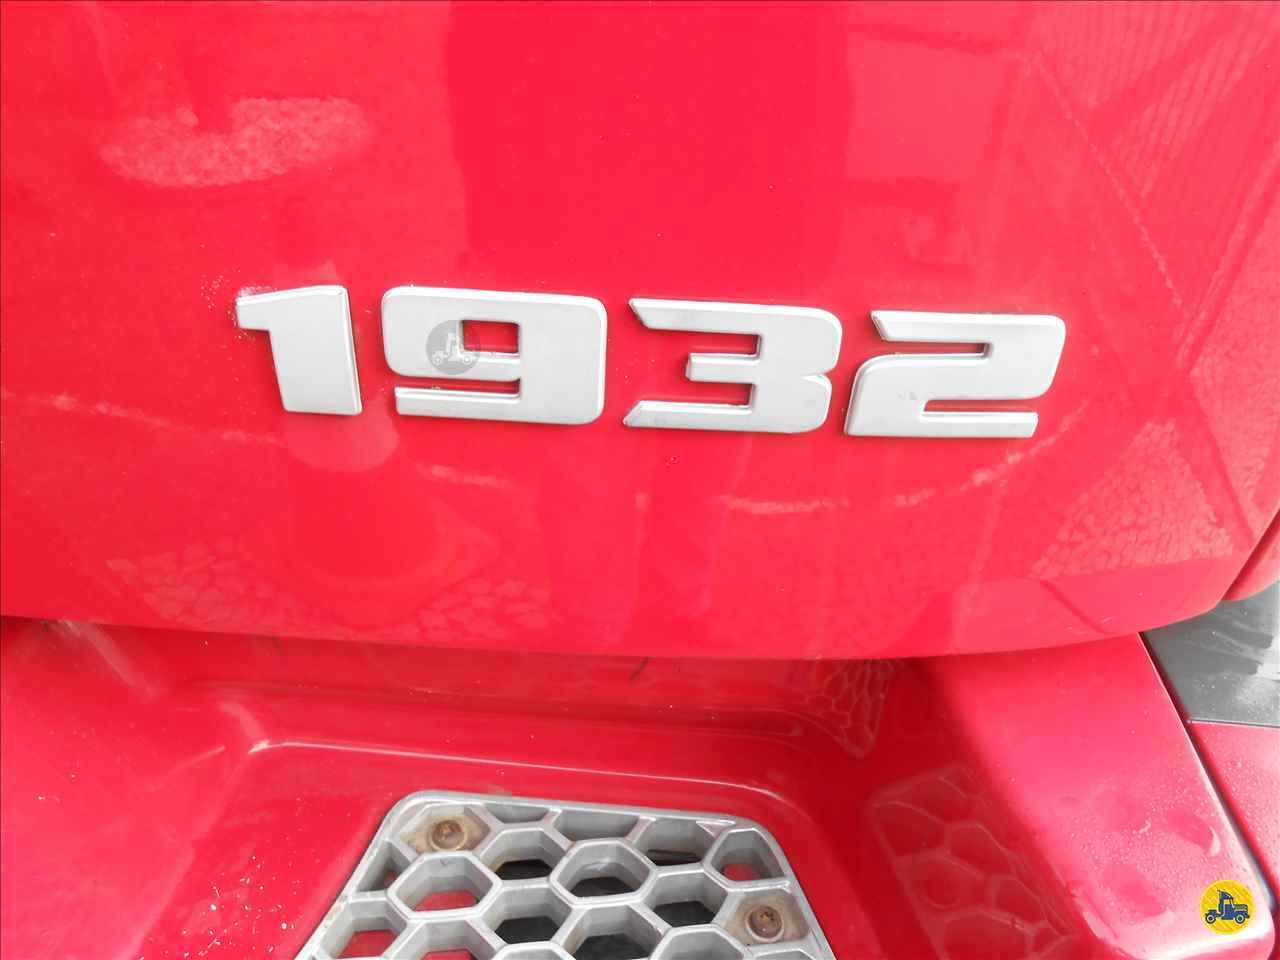 FORD CARGO 1932 660000km 2011/2012 Vieira Caminhões